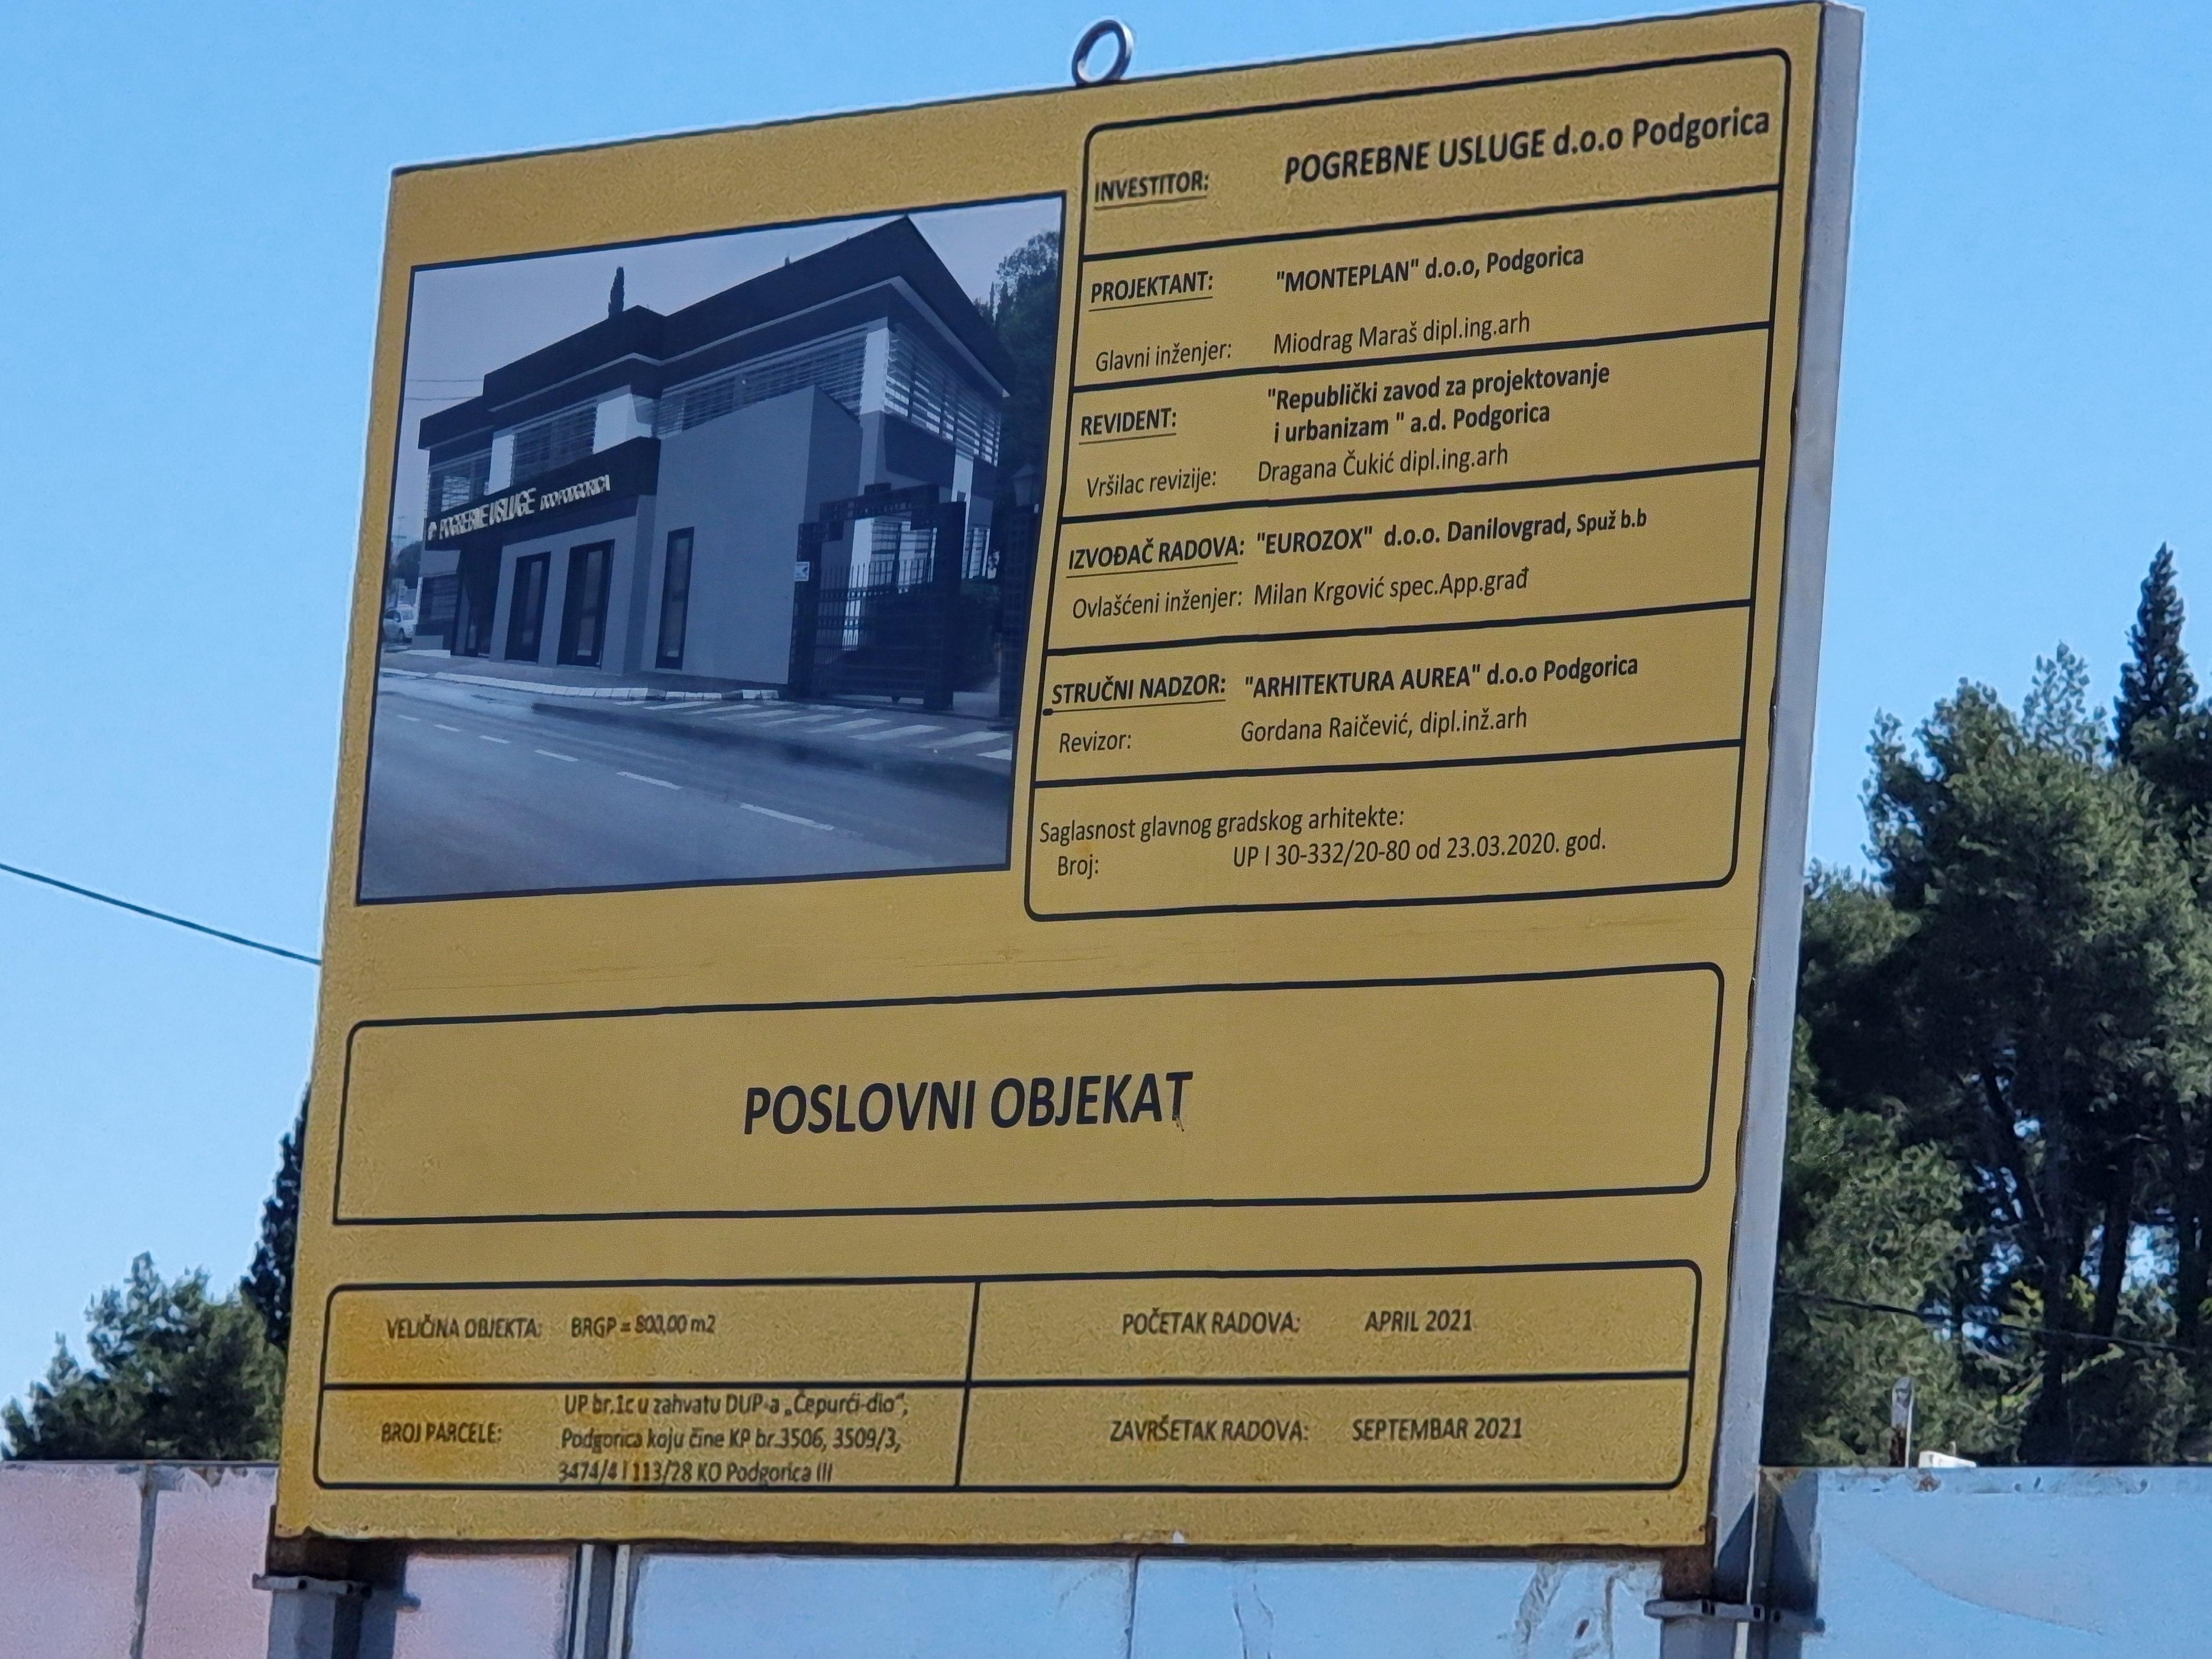 Najava: Početak izgradnje poslovne zgrade gradskog preduzeća Pogrebne usluge